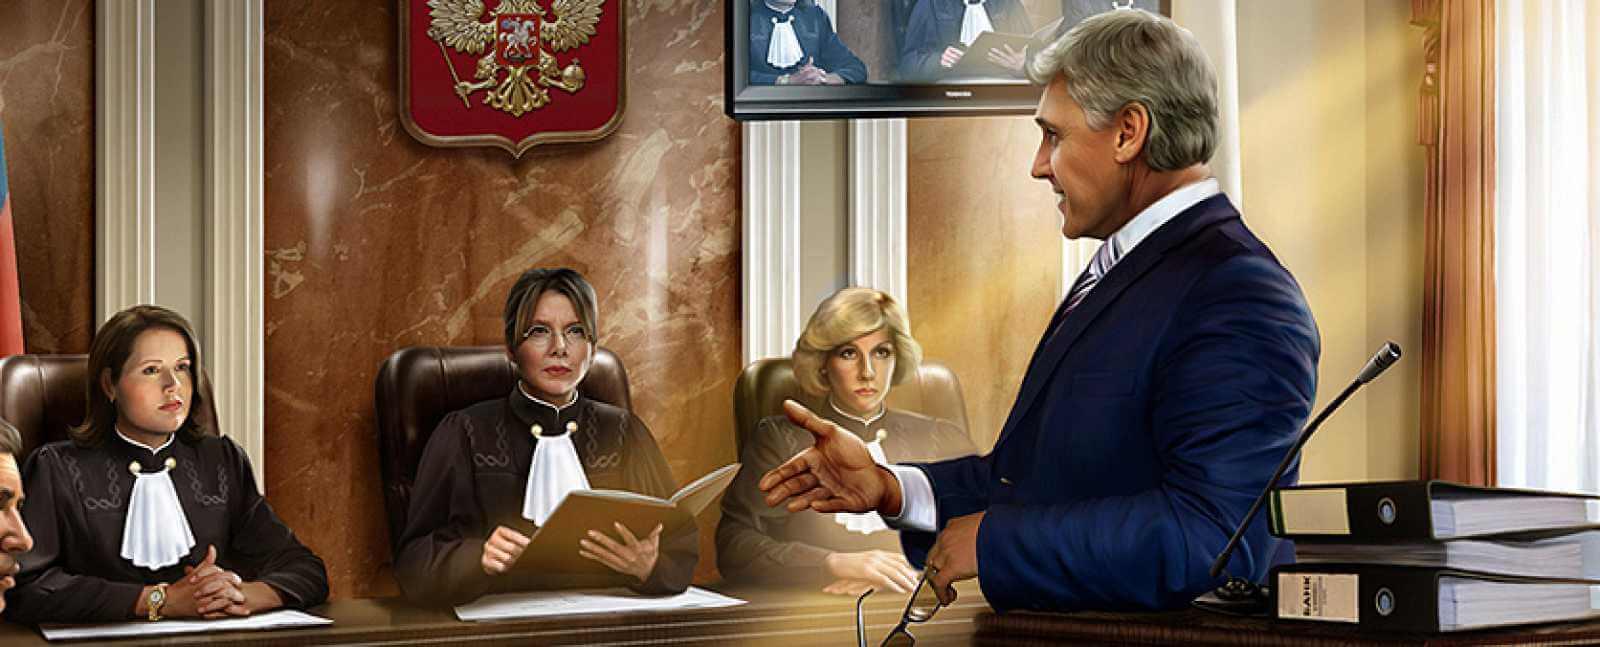 юридическое представительство в арбитражном суде сколько стоит